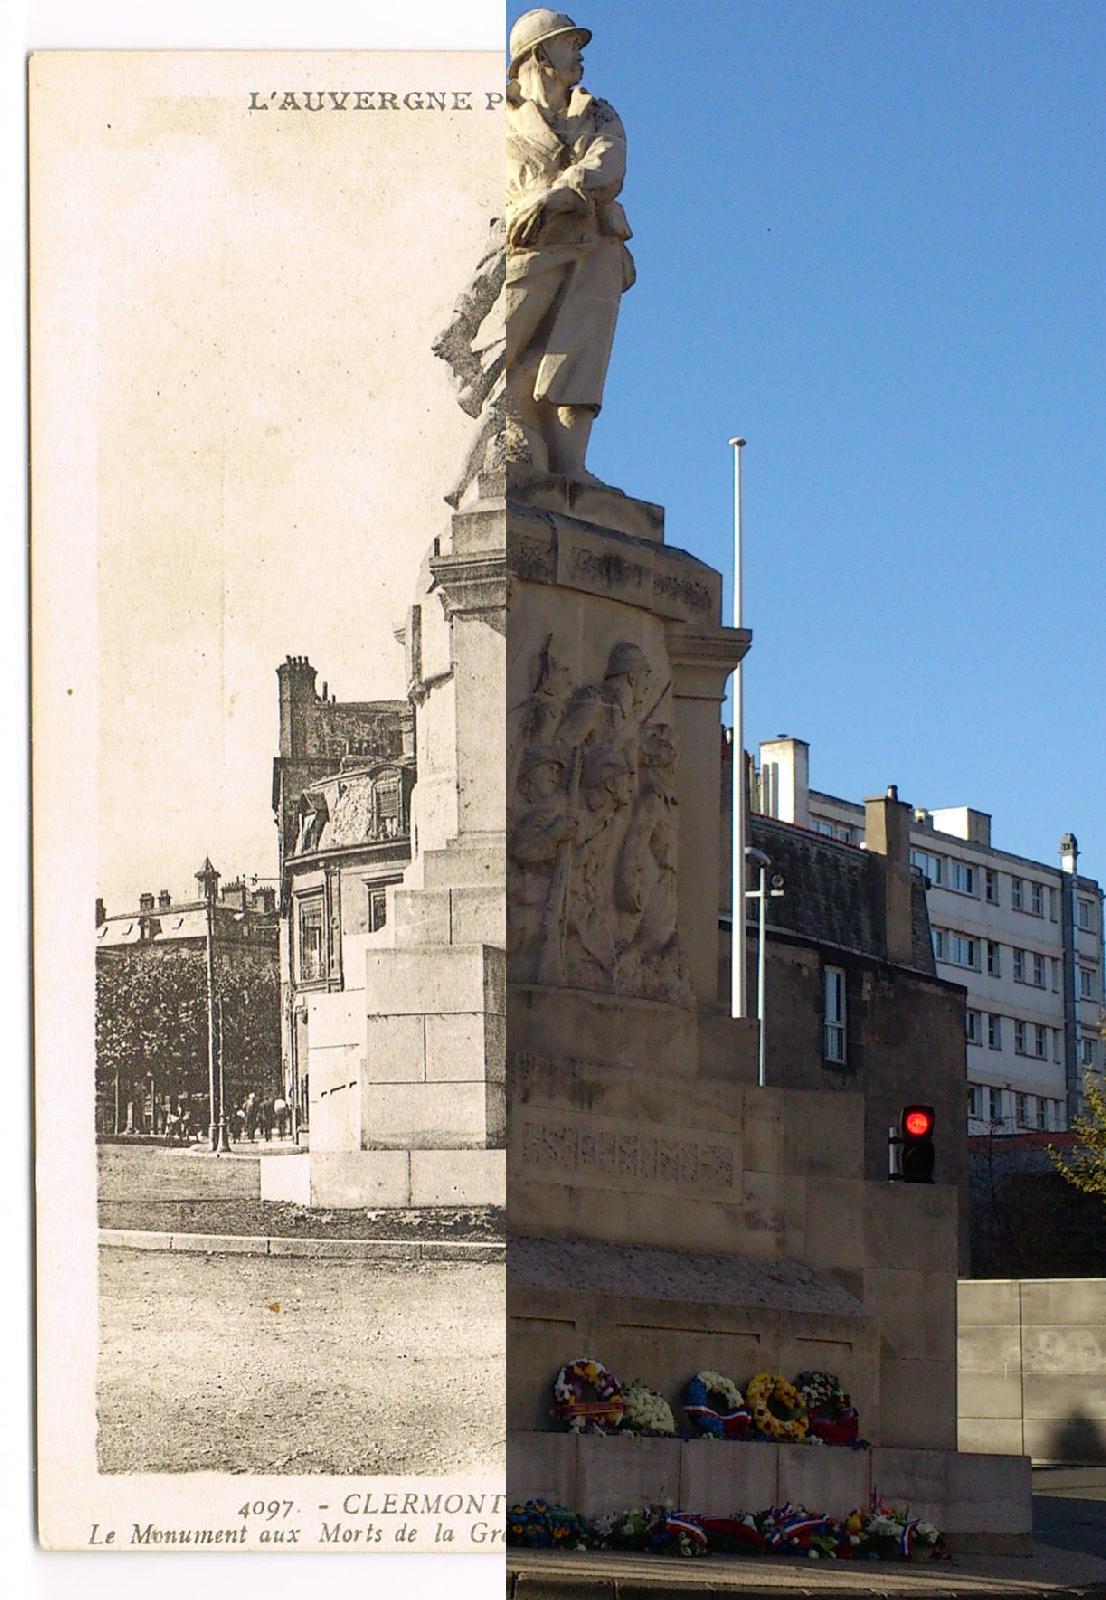 Clermont-Ferrand - 1914-1918 - Clermont-Ferrand - INSEE 63113 - Monument aux Morts (déplacé ?) - voir au cimetière des Carmes le Monument de 1914-1918 -